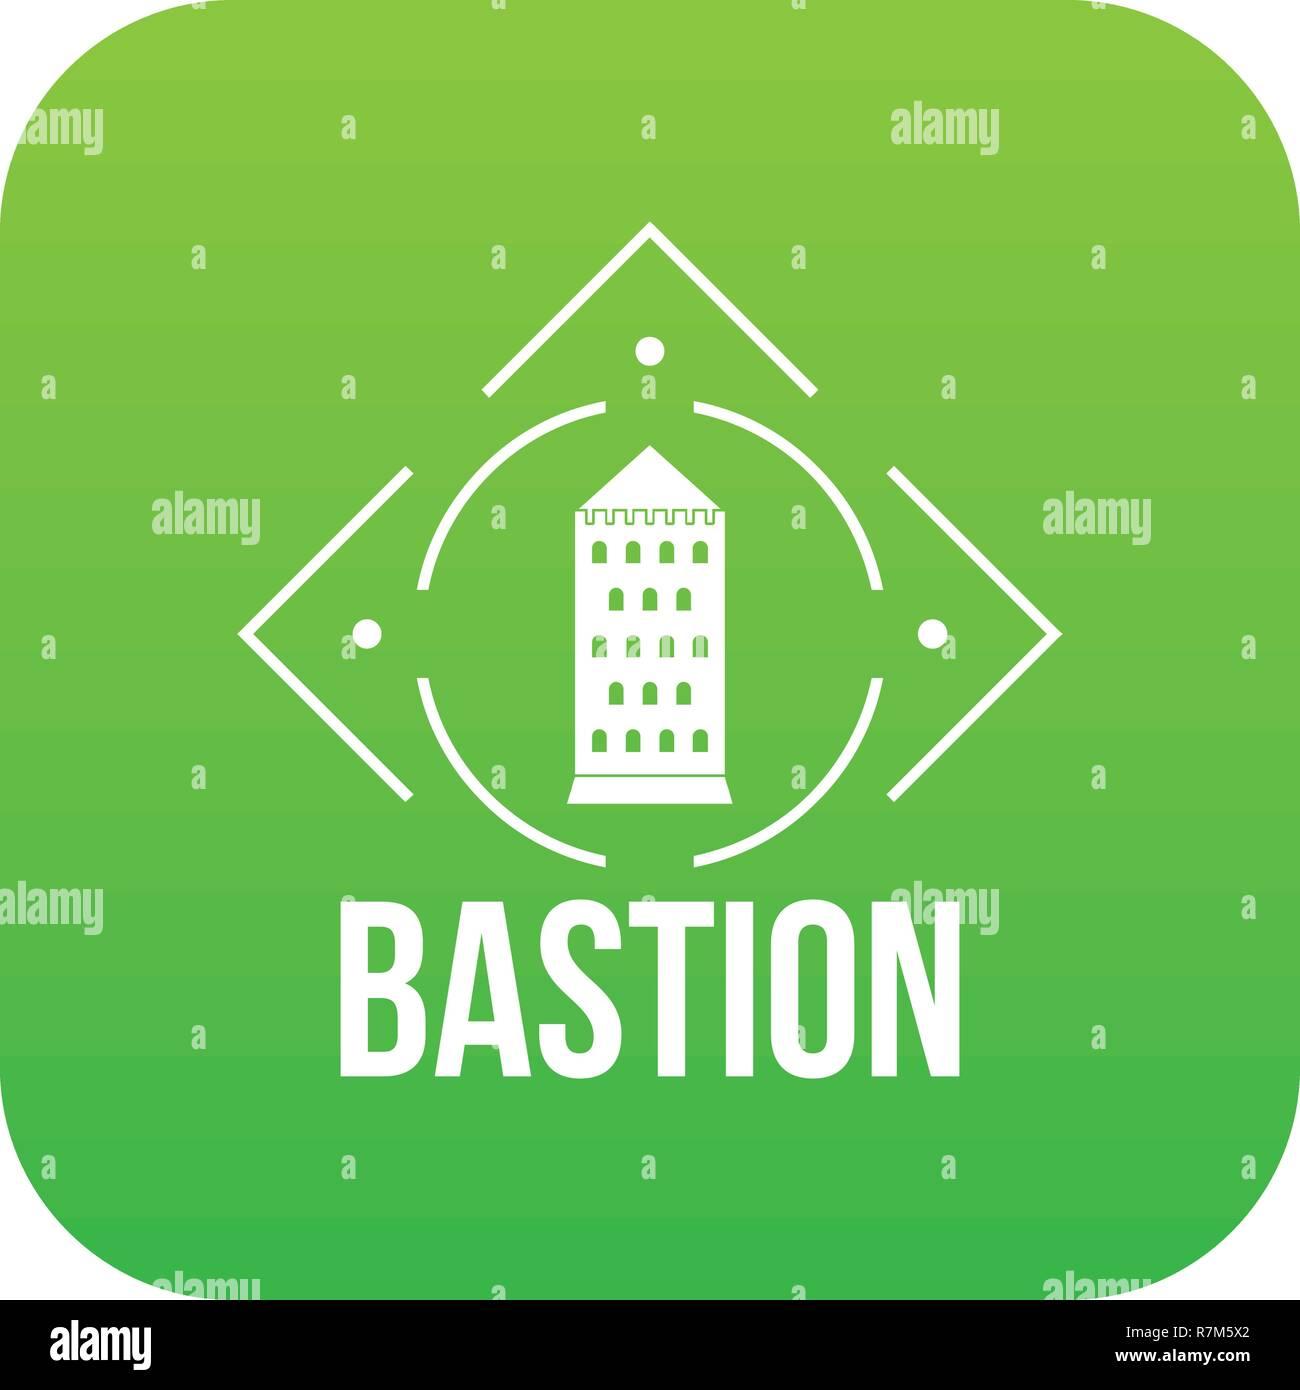 Bastion icon green vector - Stock Vector